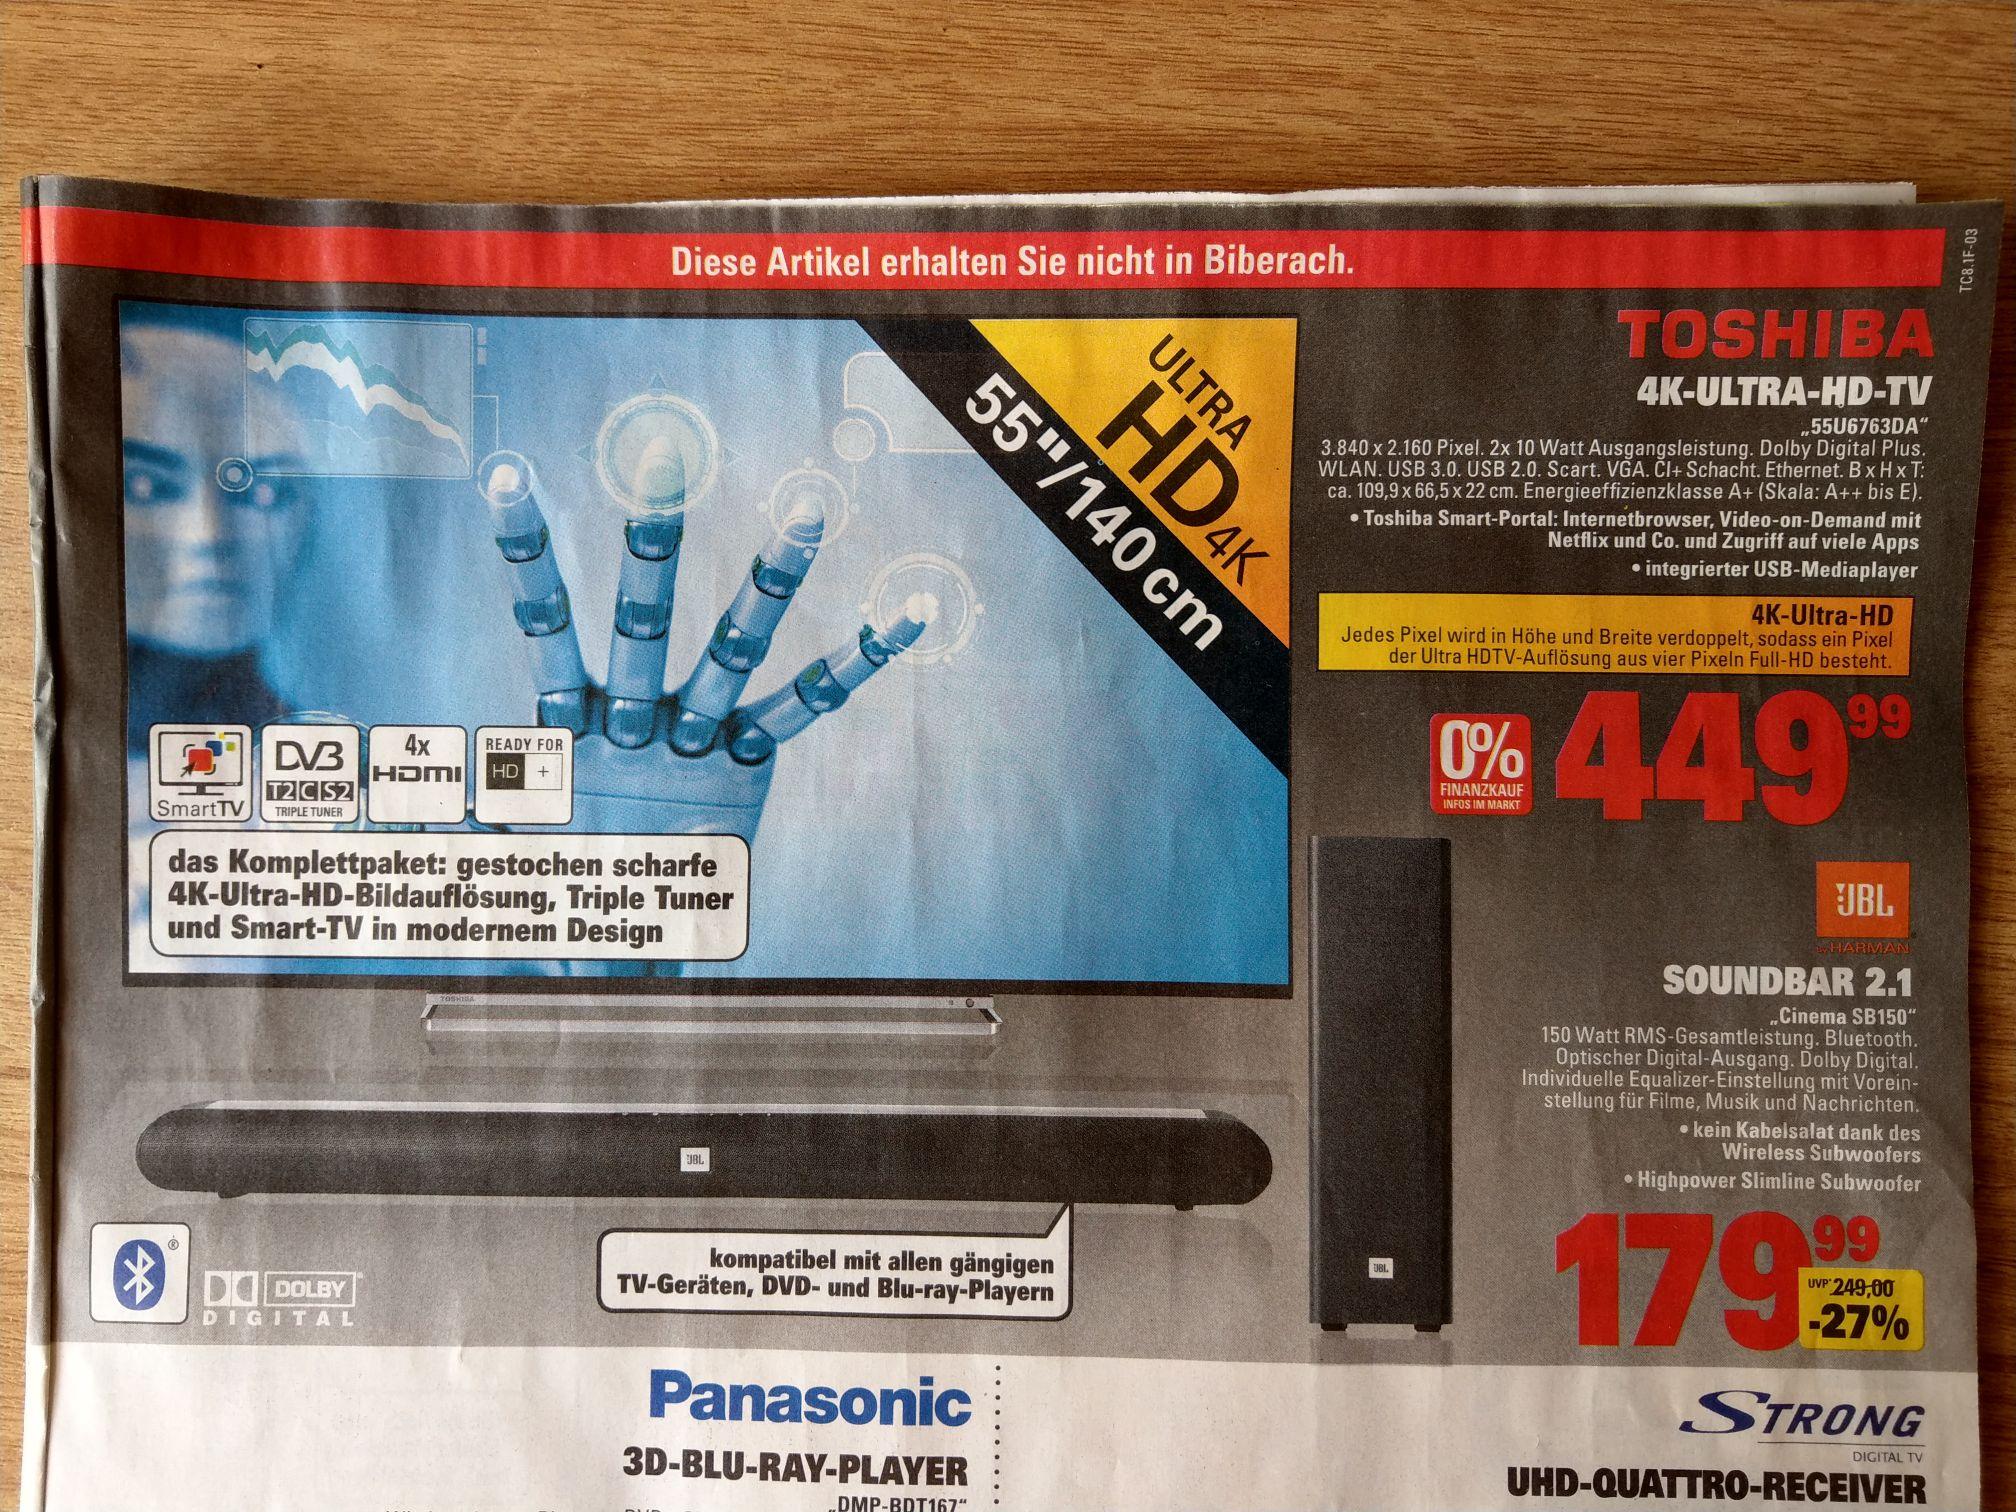 [Marktkauf] [ab 28.05.] [nur BW?] 55 Zoll Toshiba 4K TV 55U6763DA für 450